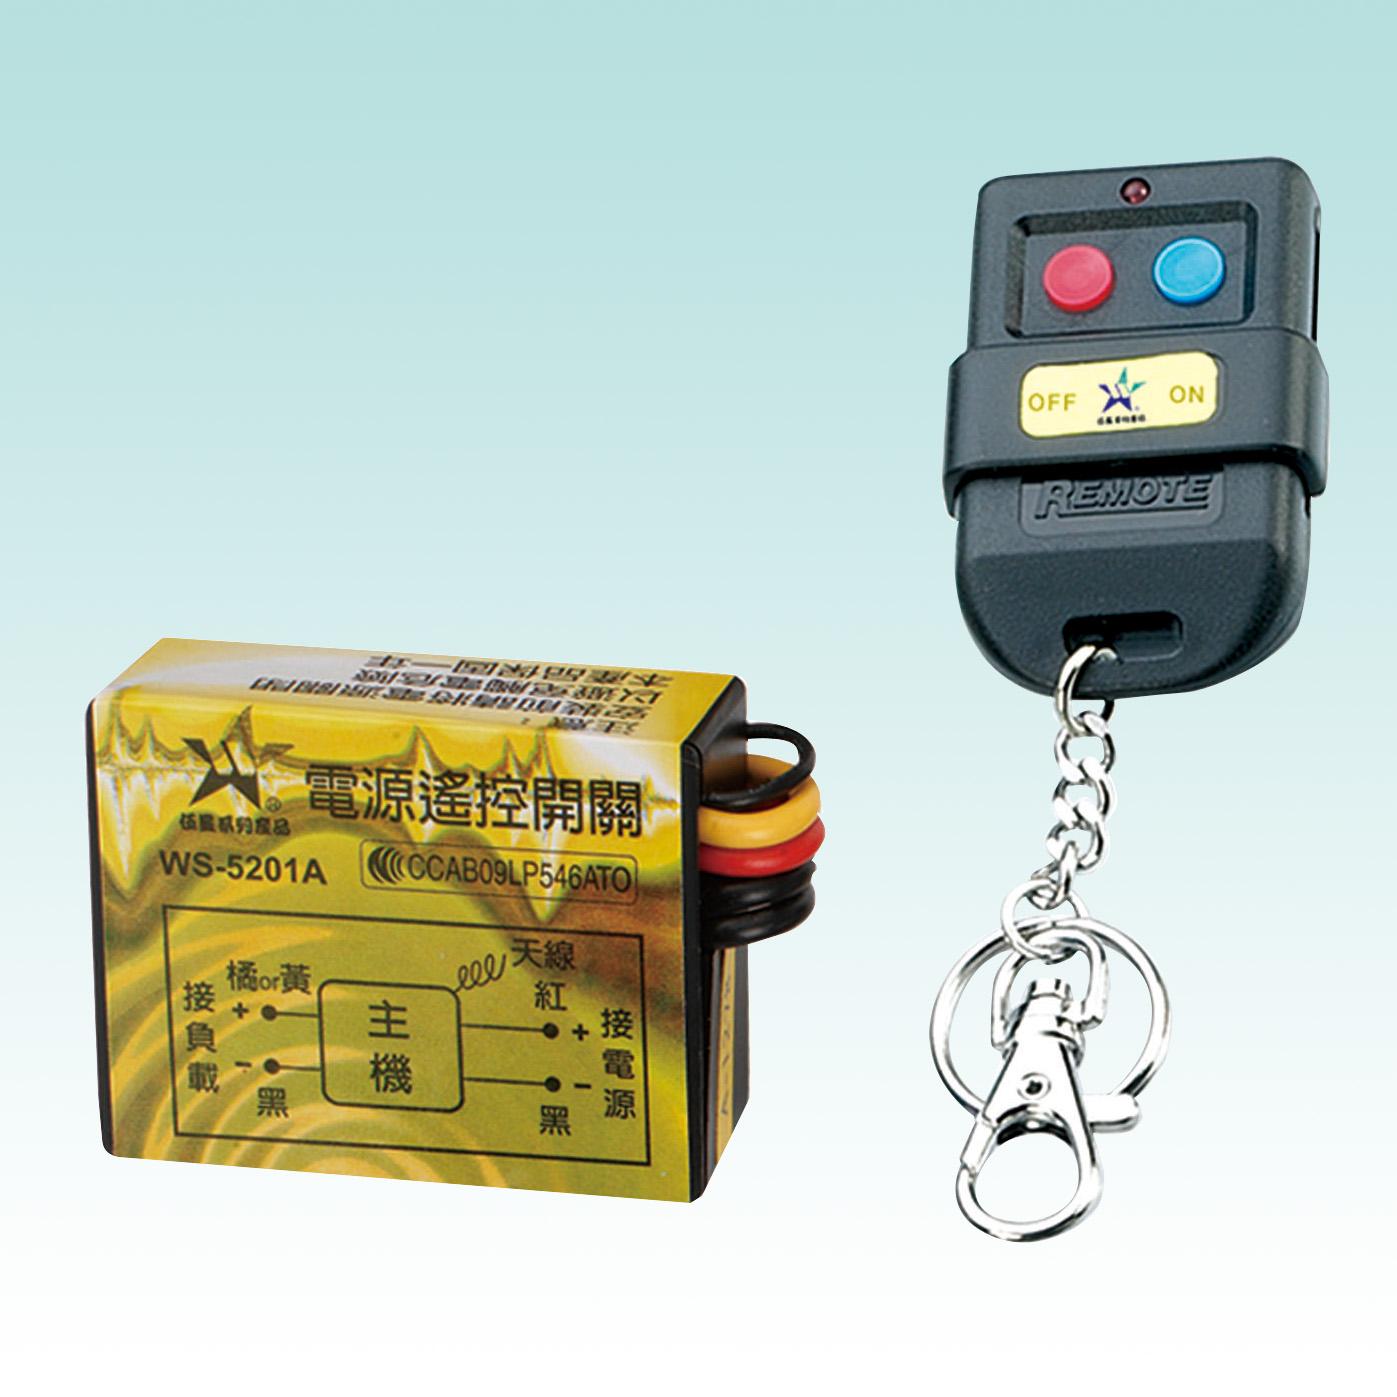 型號:FWS-5201A 伍星系列產品 電源遙控開關